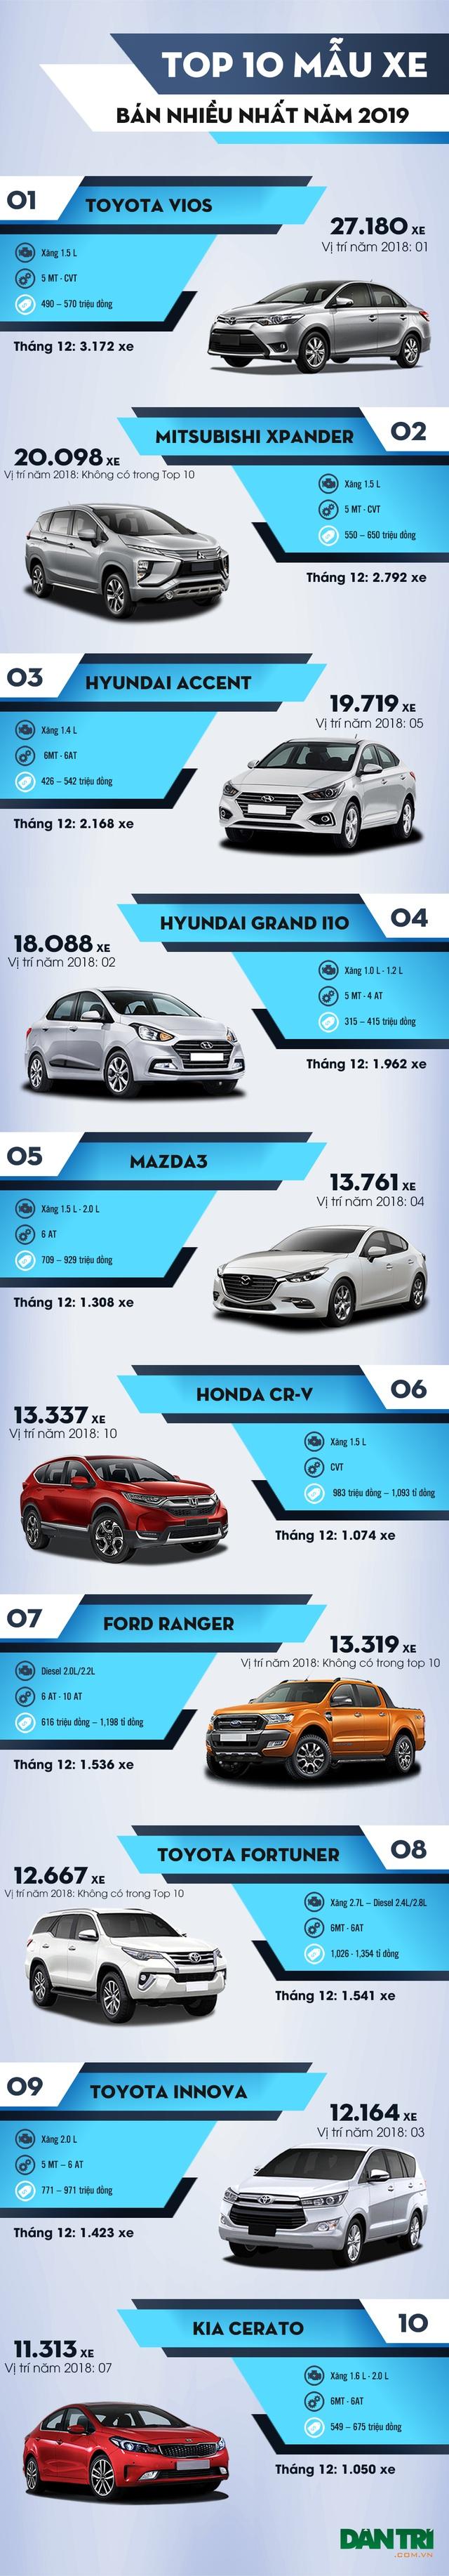 Top 10 xe bán nhiều nhất Việt Nam năm 2019: Mitsubishi Xpander vượt Toyota Innova - 4